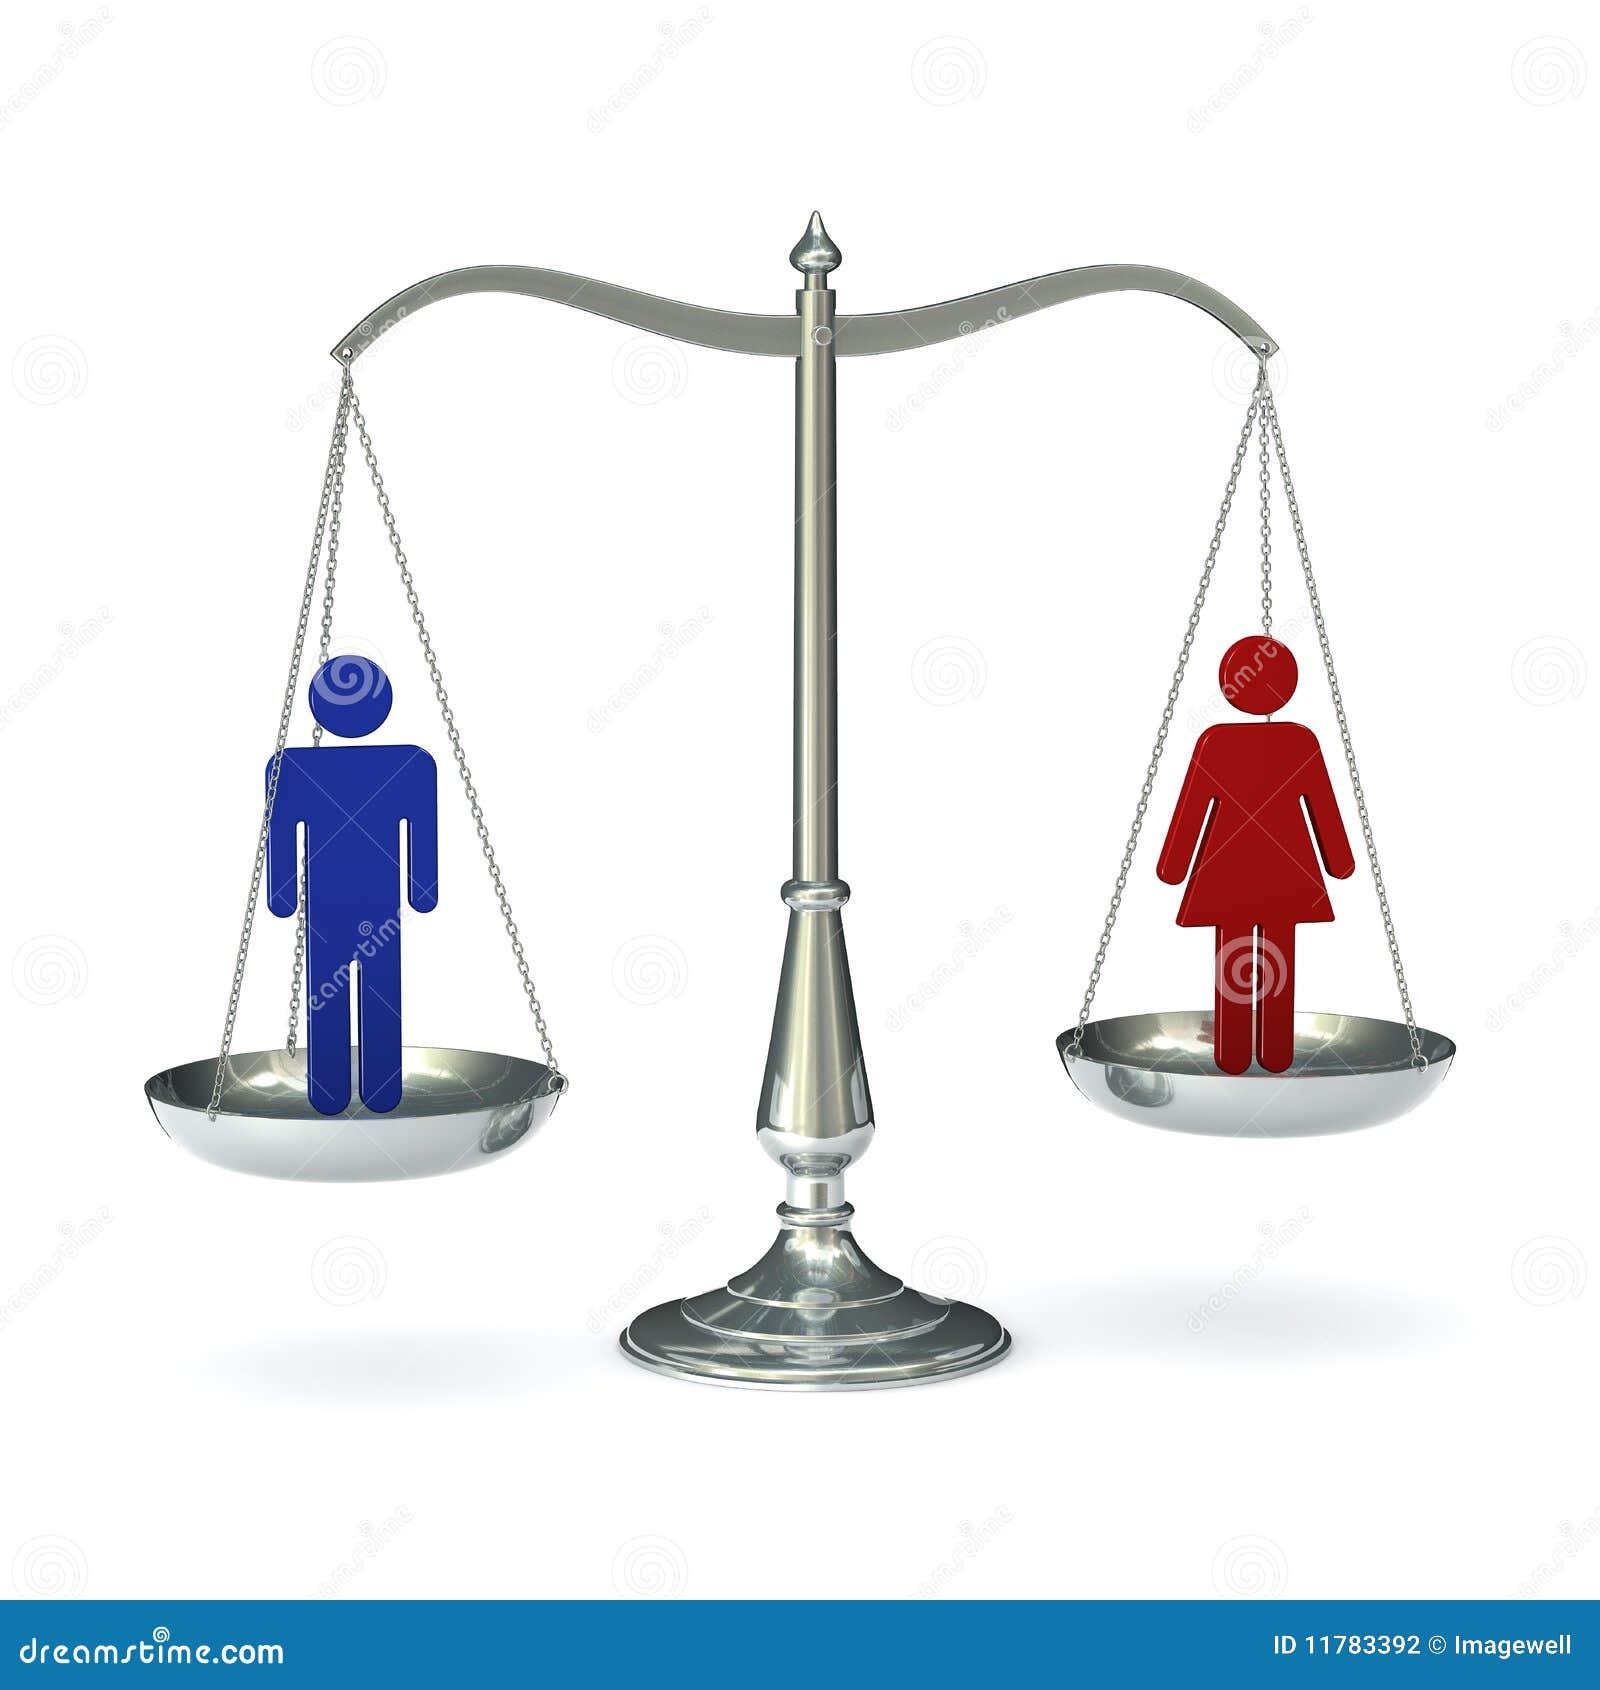 Uneven Balance Scale Clip Art Scales man woman